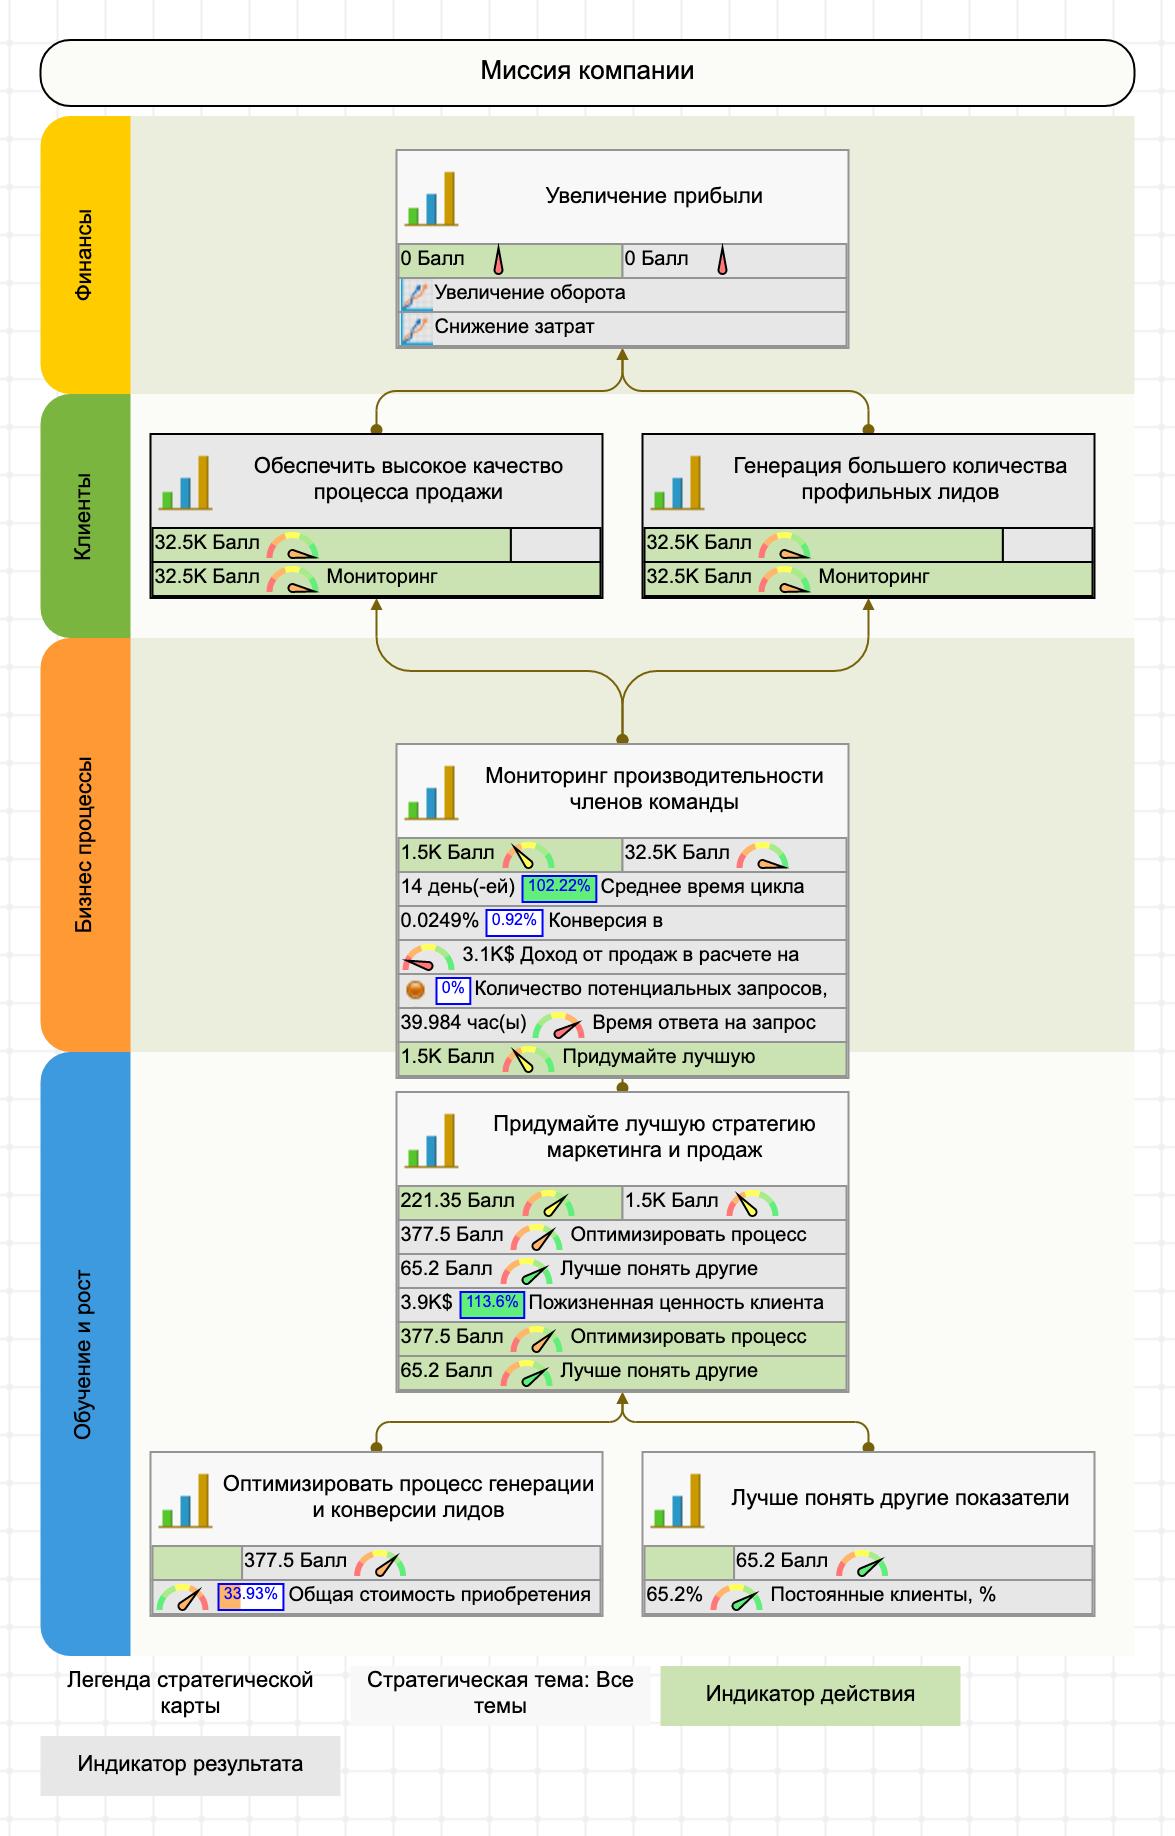 Пример KPI, системы показателей и стратегической карты. Отдел продаж